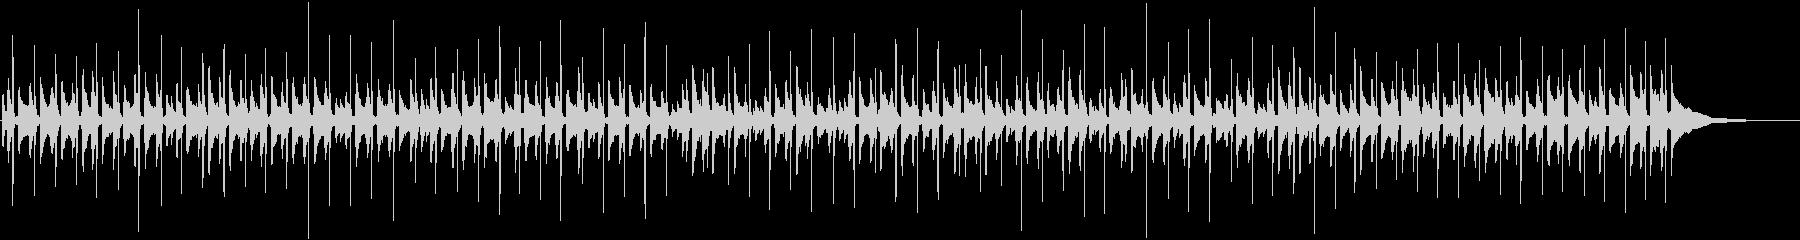 アコギ53/生演奏、伴奏、バッキングの未再生の波形